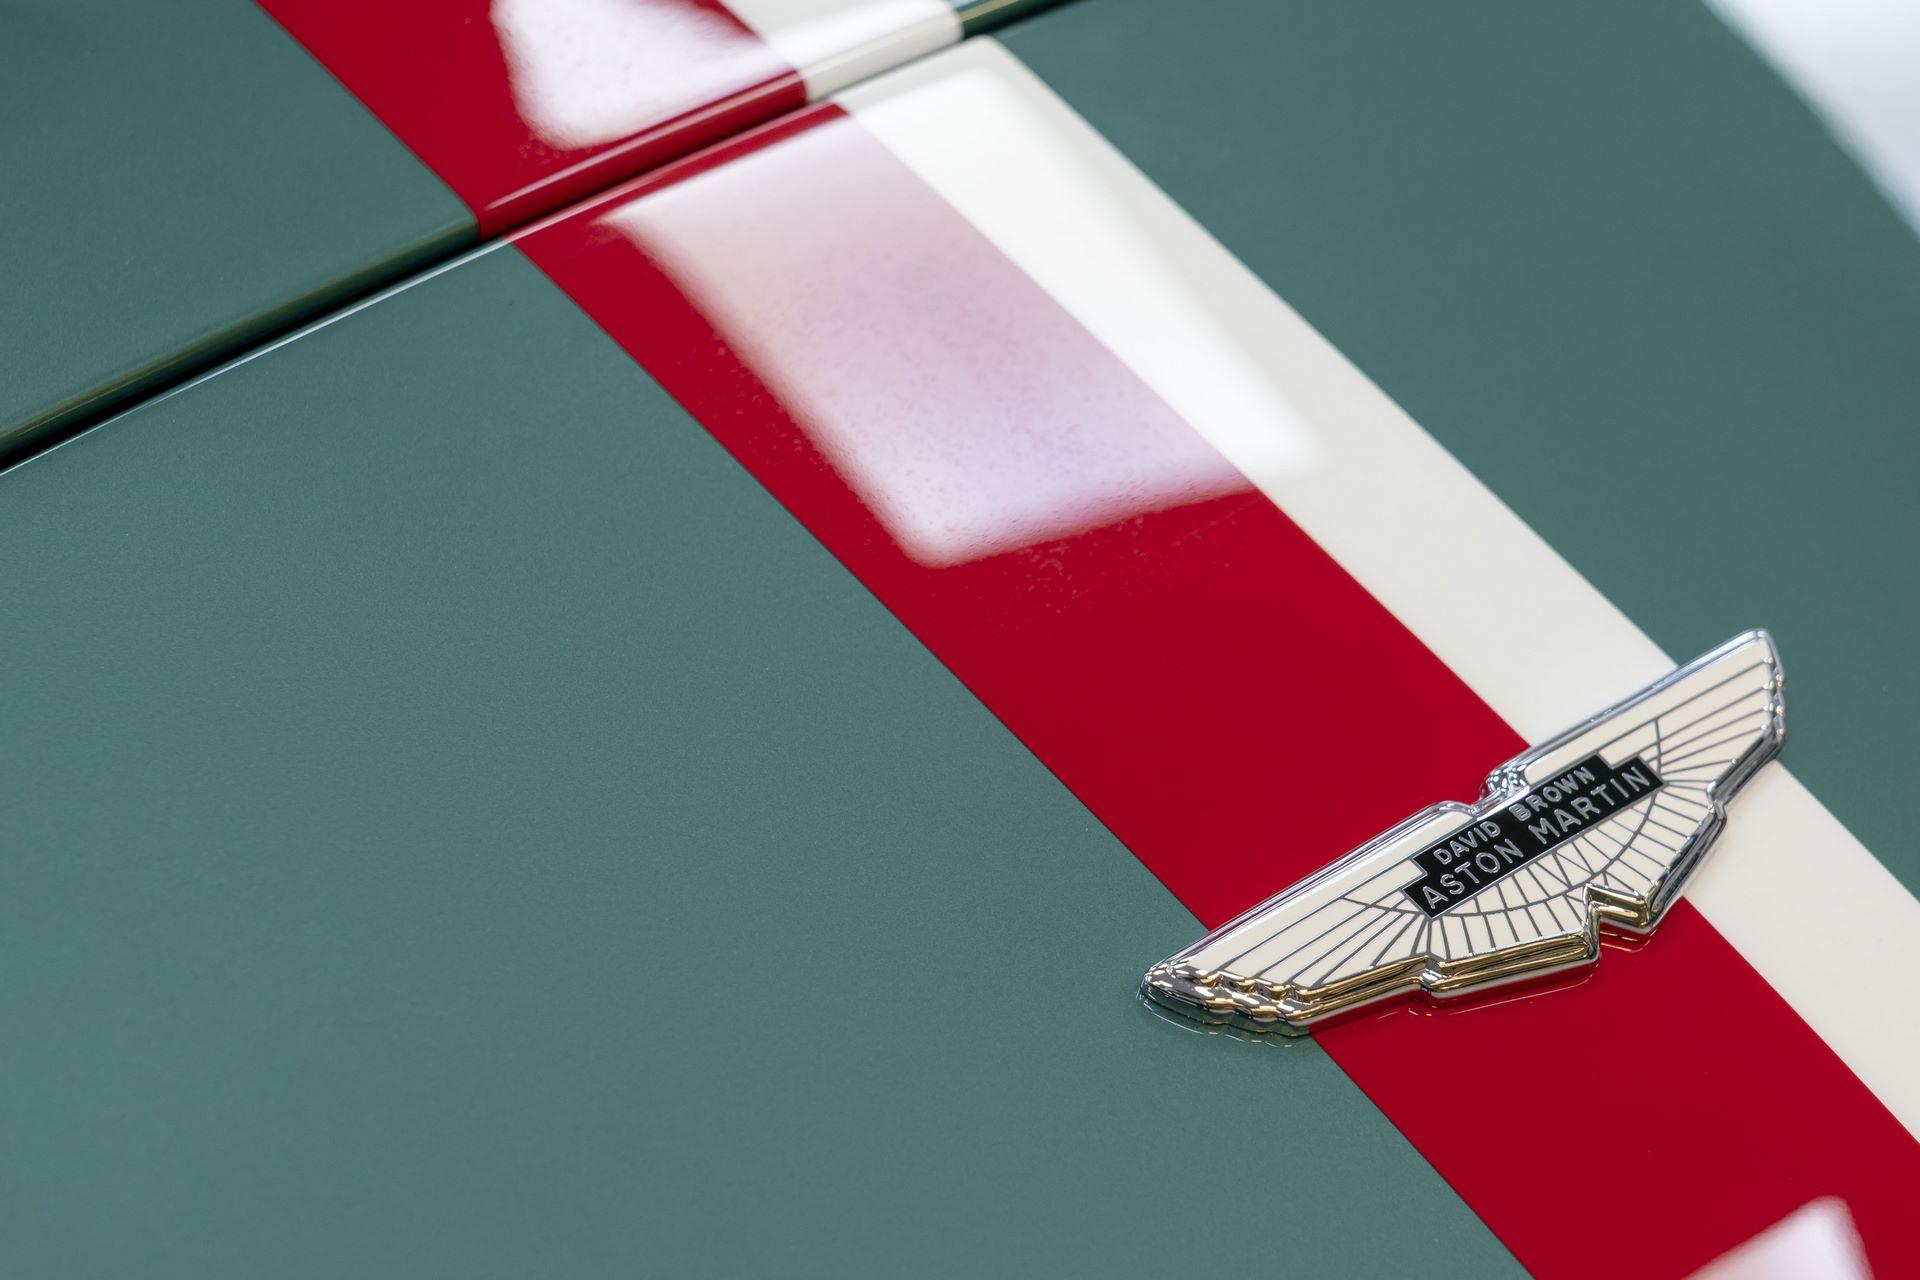 Aston-Martin-DB4-GT-Zagato-Continuation-first-delivery-15